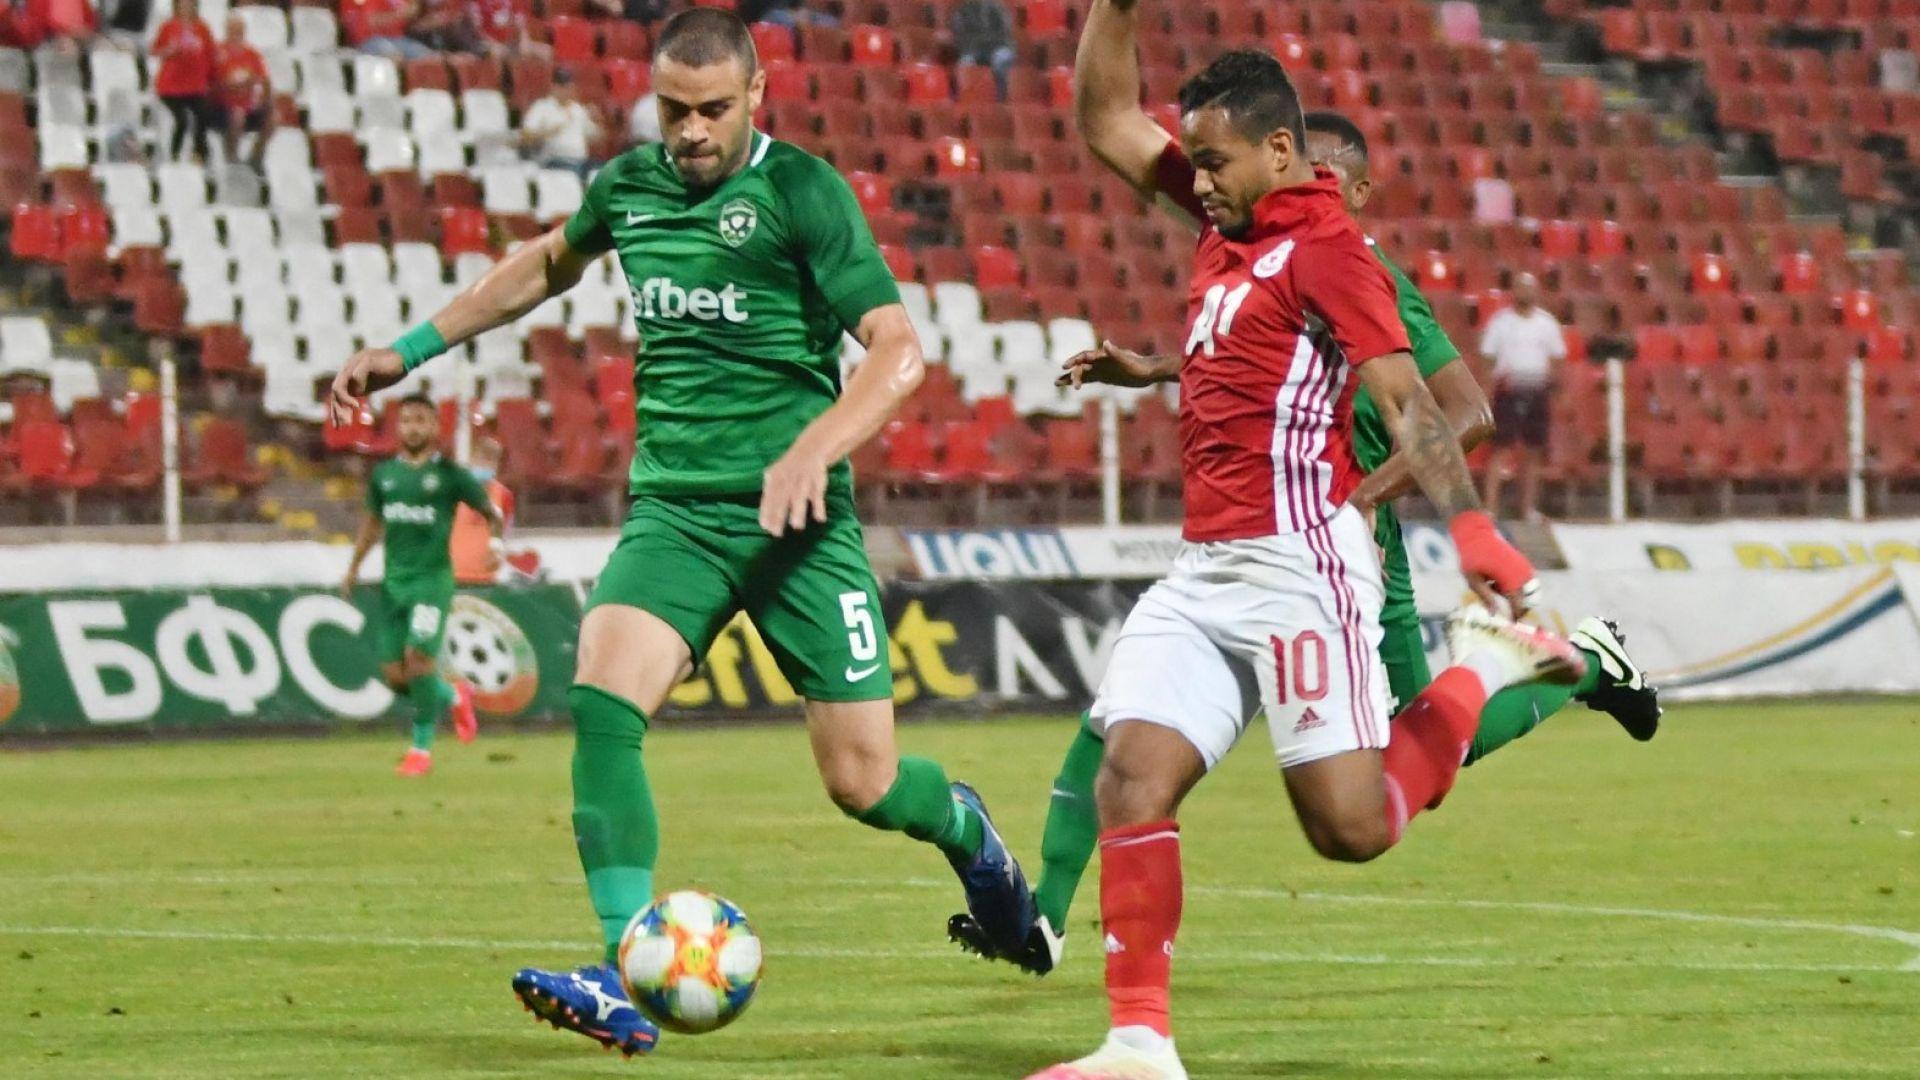 БФС обяви програмата за първите четири кръга в Първа лига